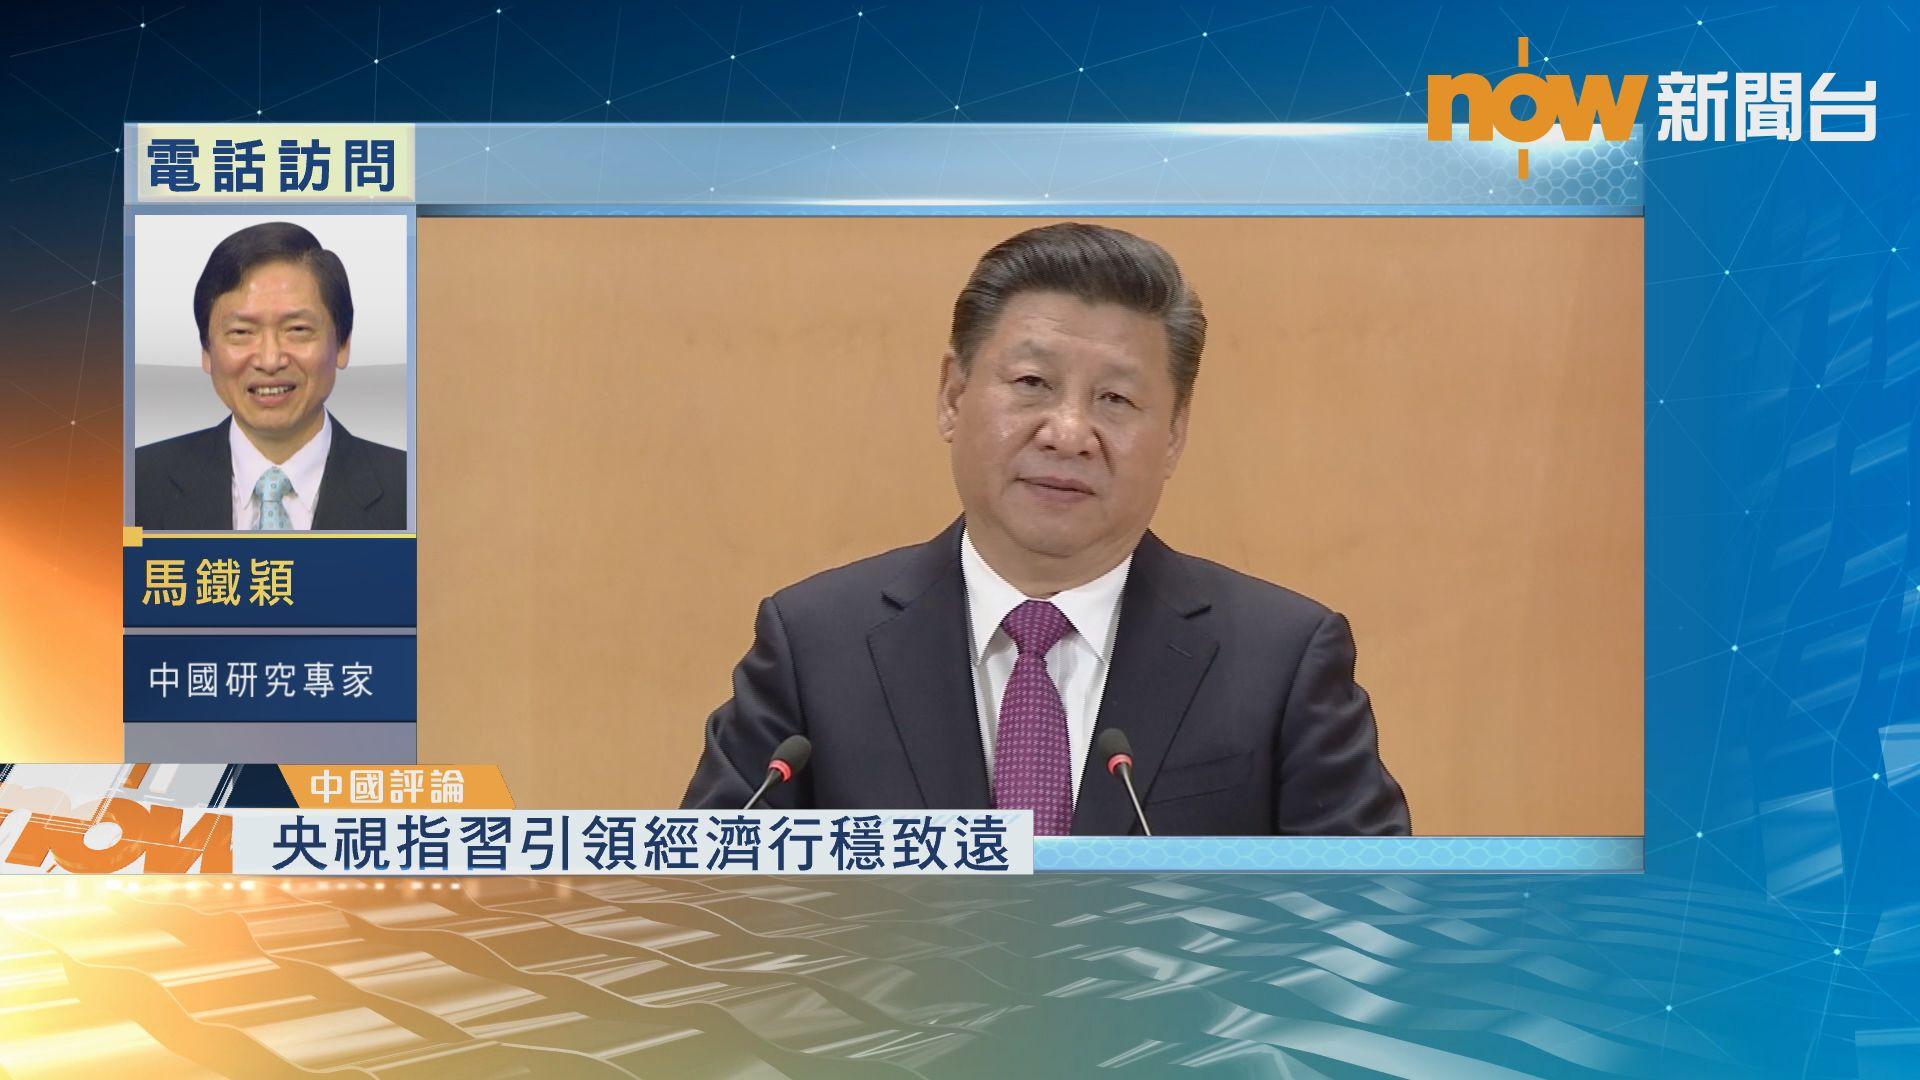 【中國評論】習近平引領經濟行穩致遠